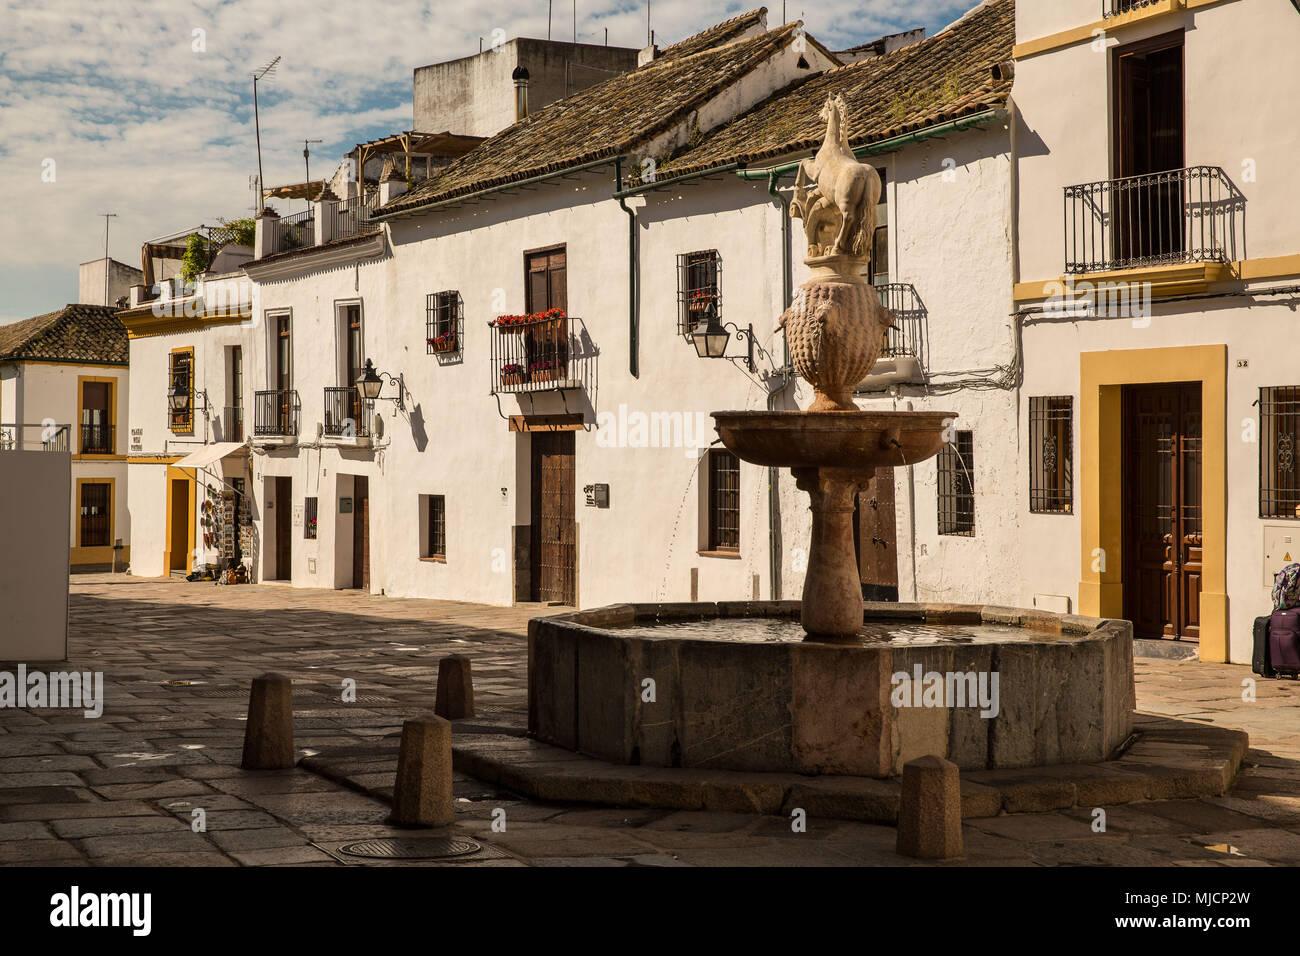 Europa espa a andaluc a c rdoba casas fuente foto - Inmobiliarias en cordoba espana ...